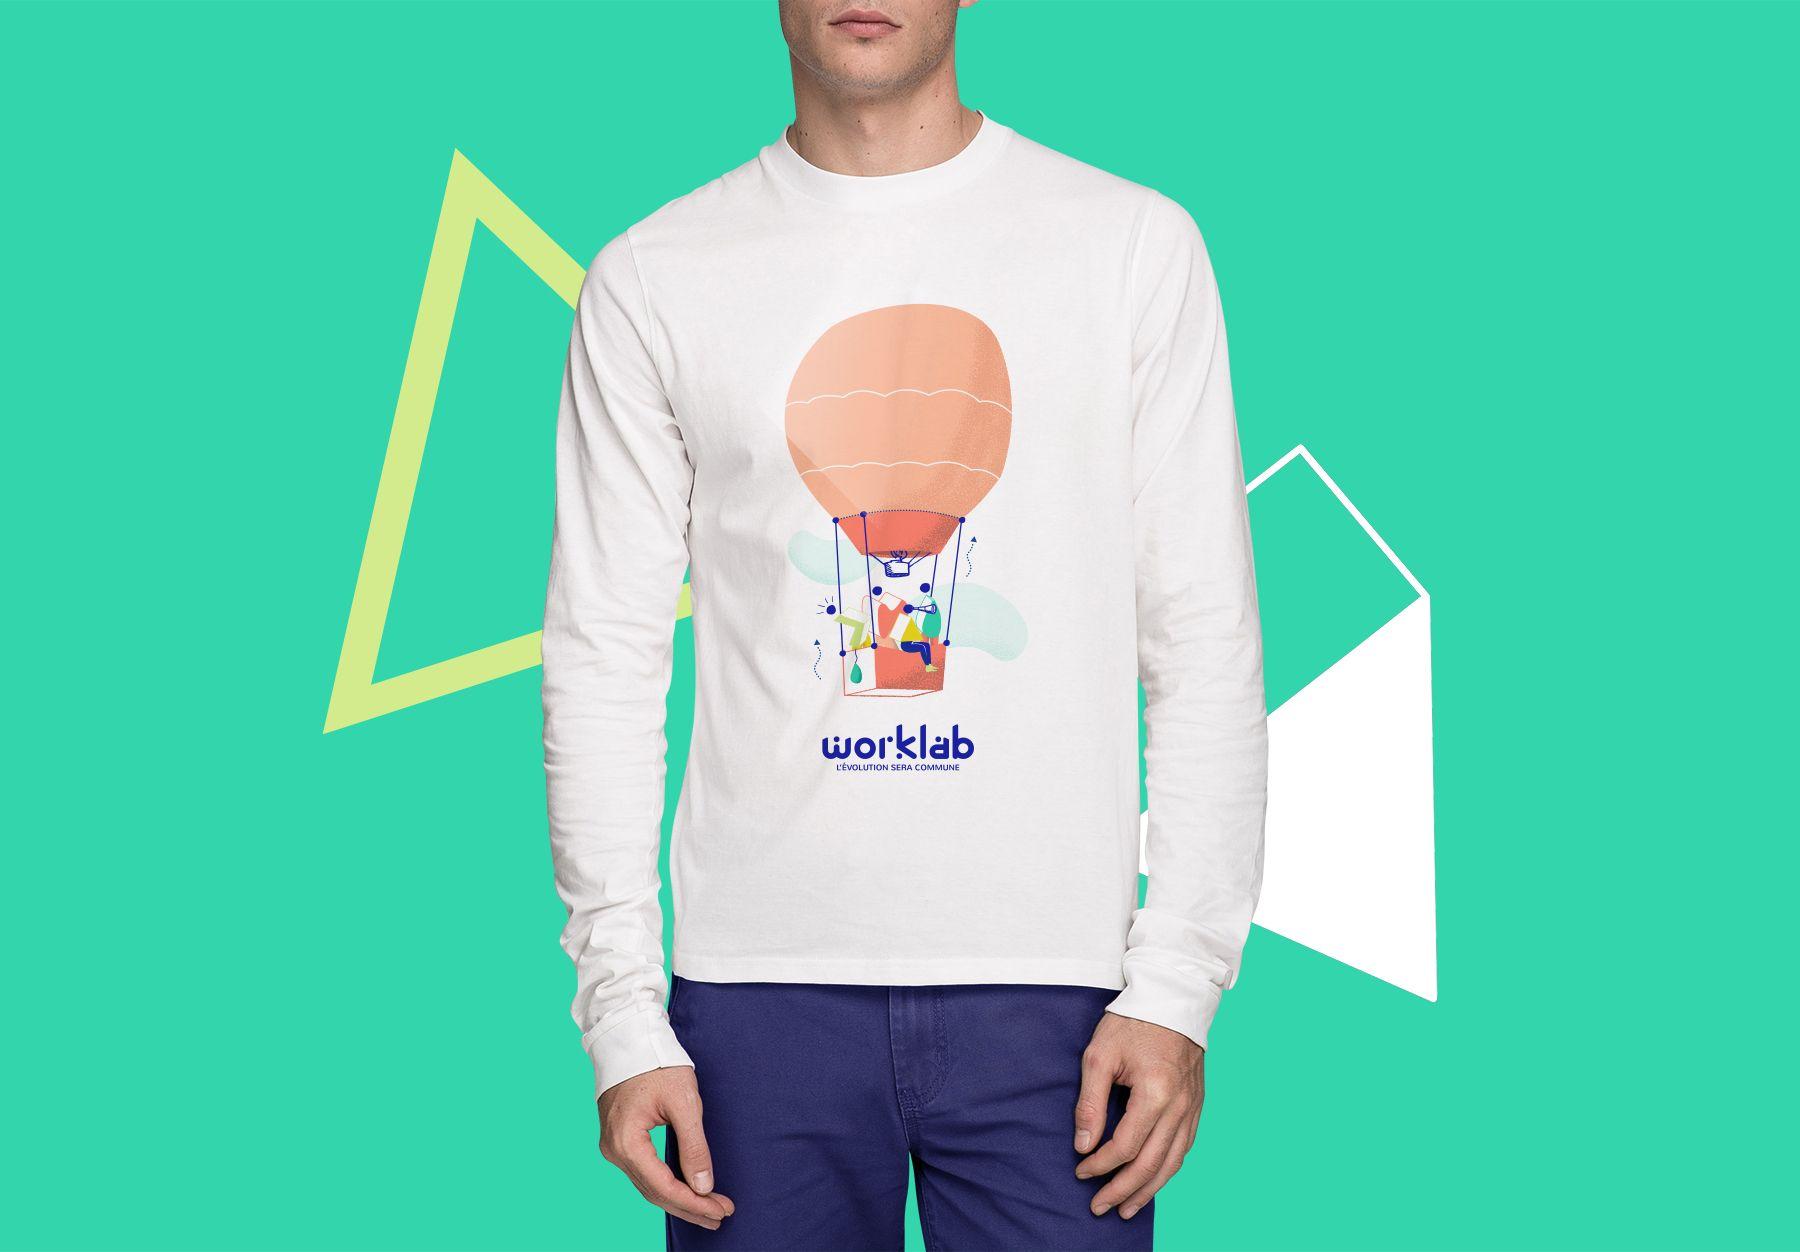 Un prototype de support éditorial pour Worklab : sweat-shirt